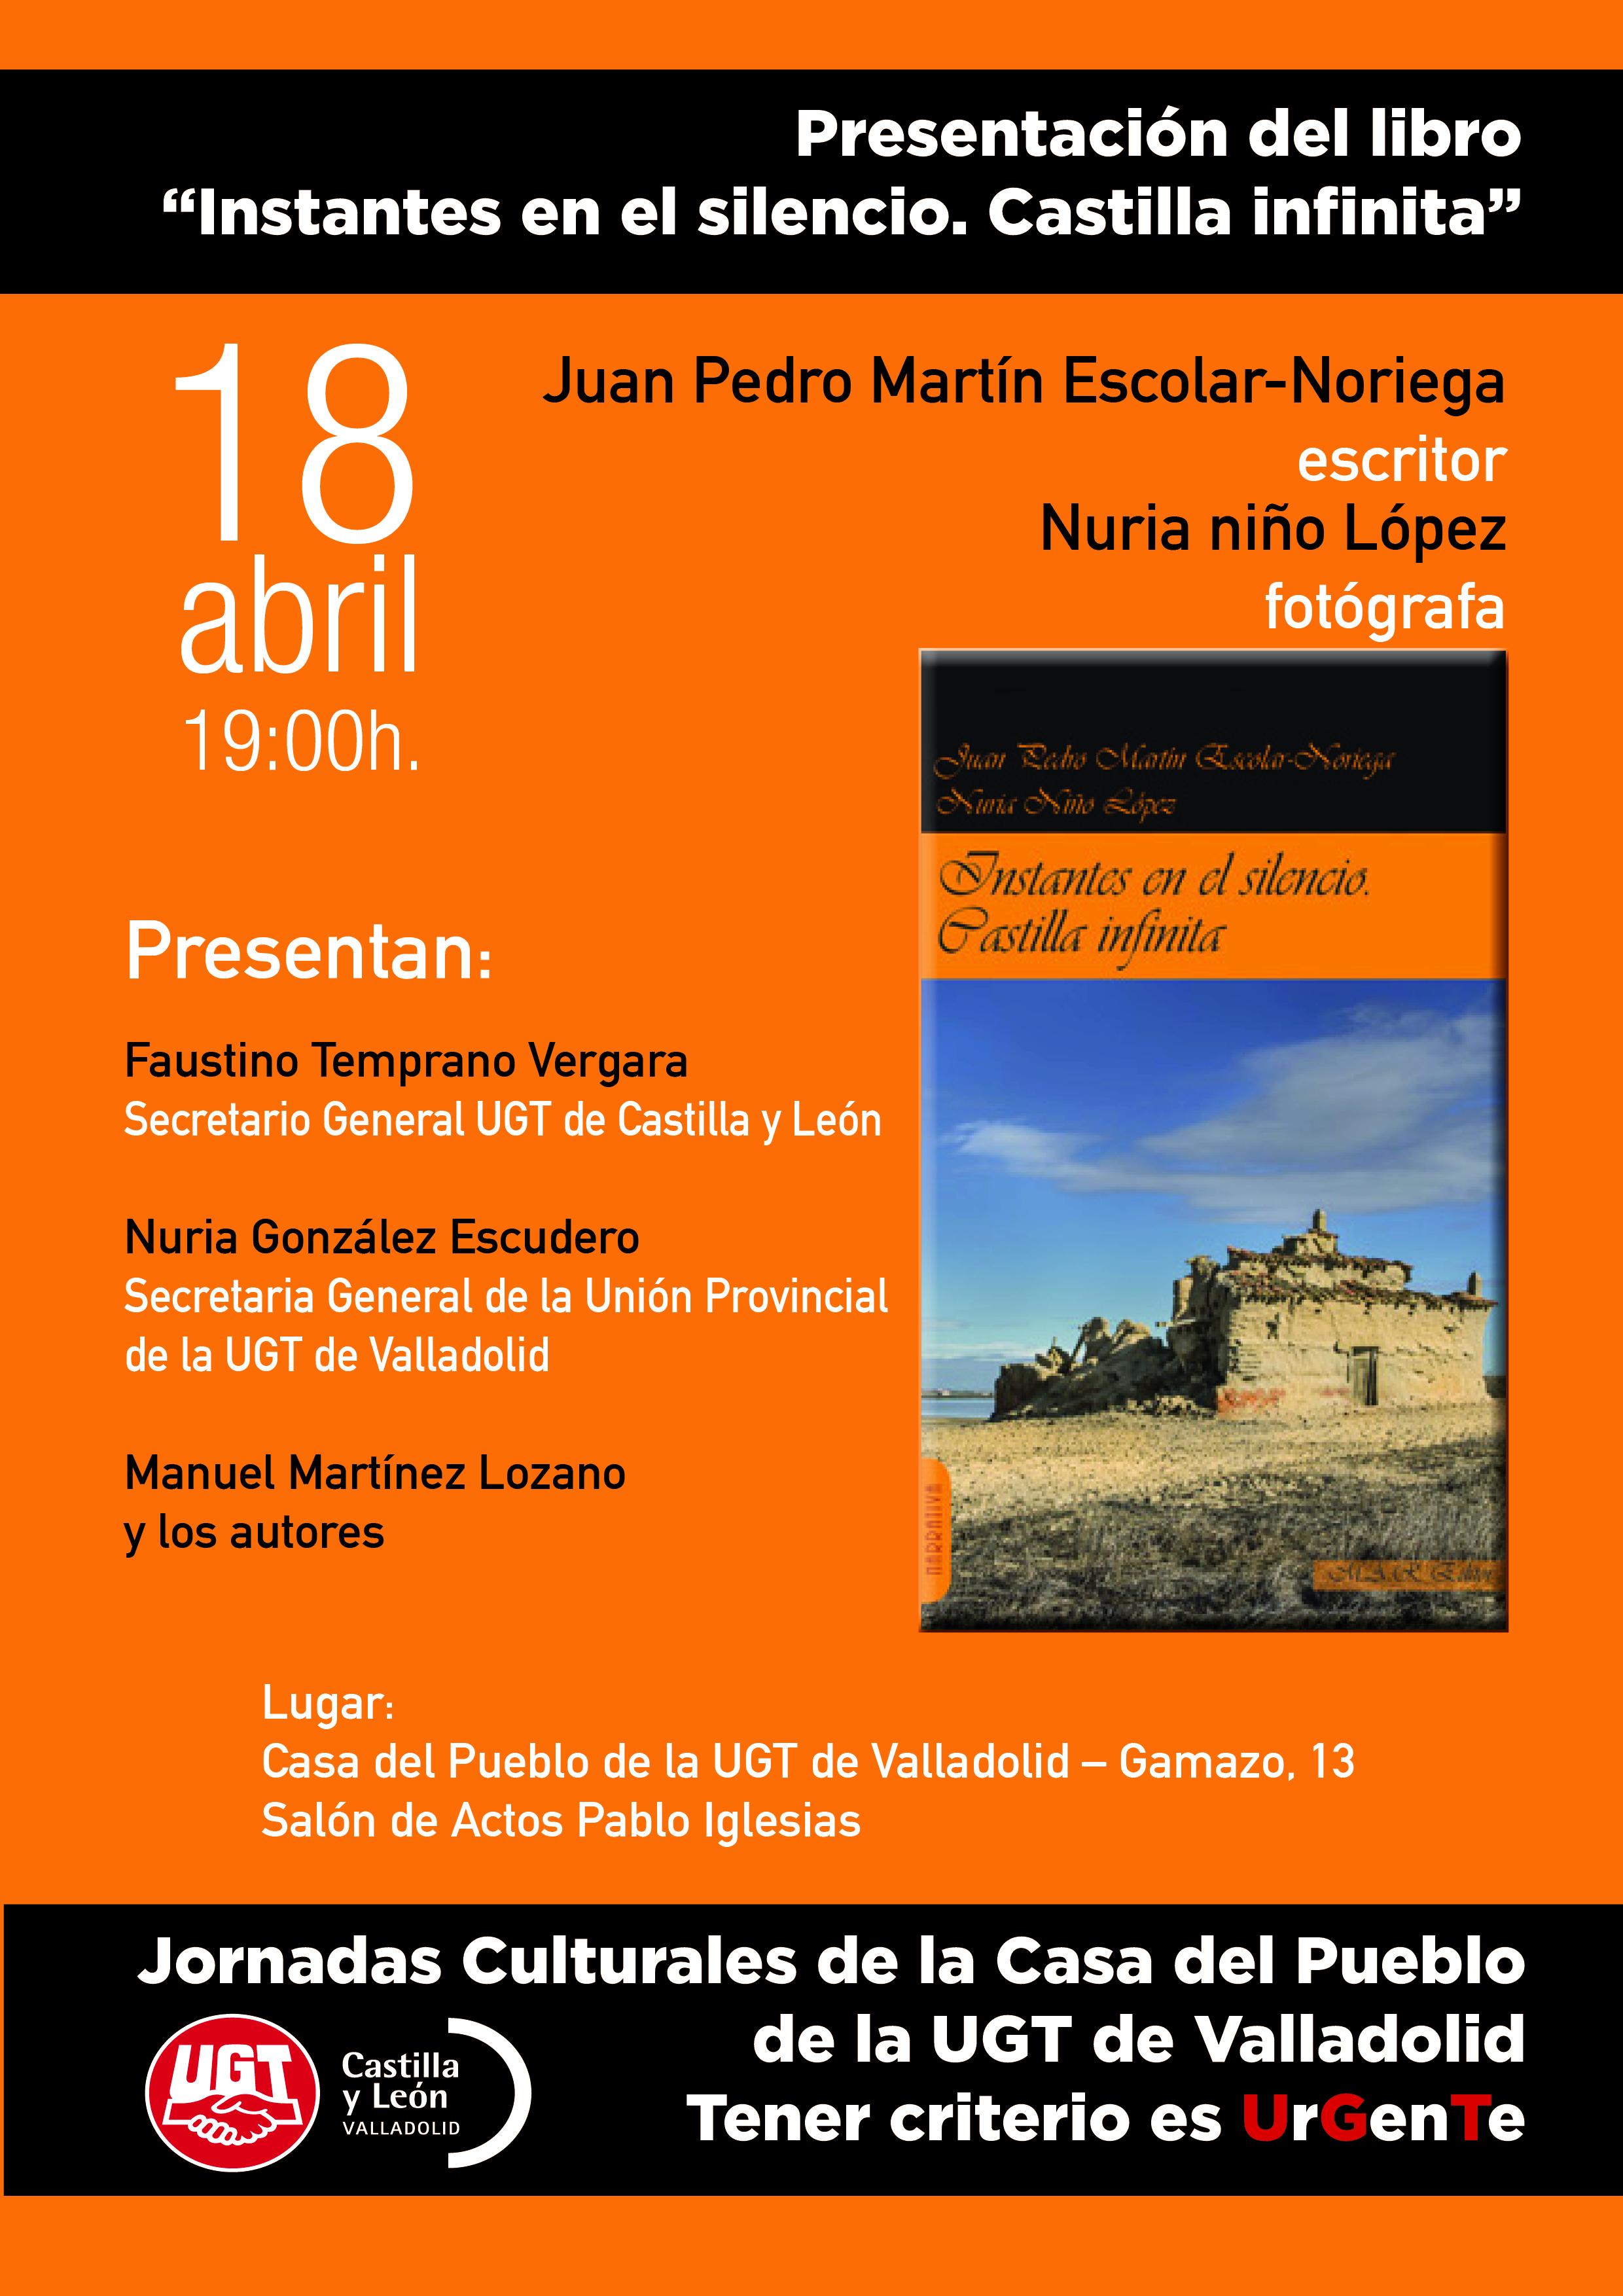 Presentación del libro Instantes en el silencio. Castilla infinita